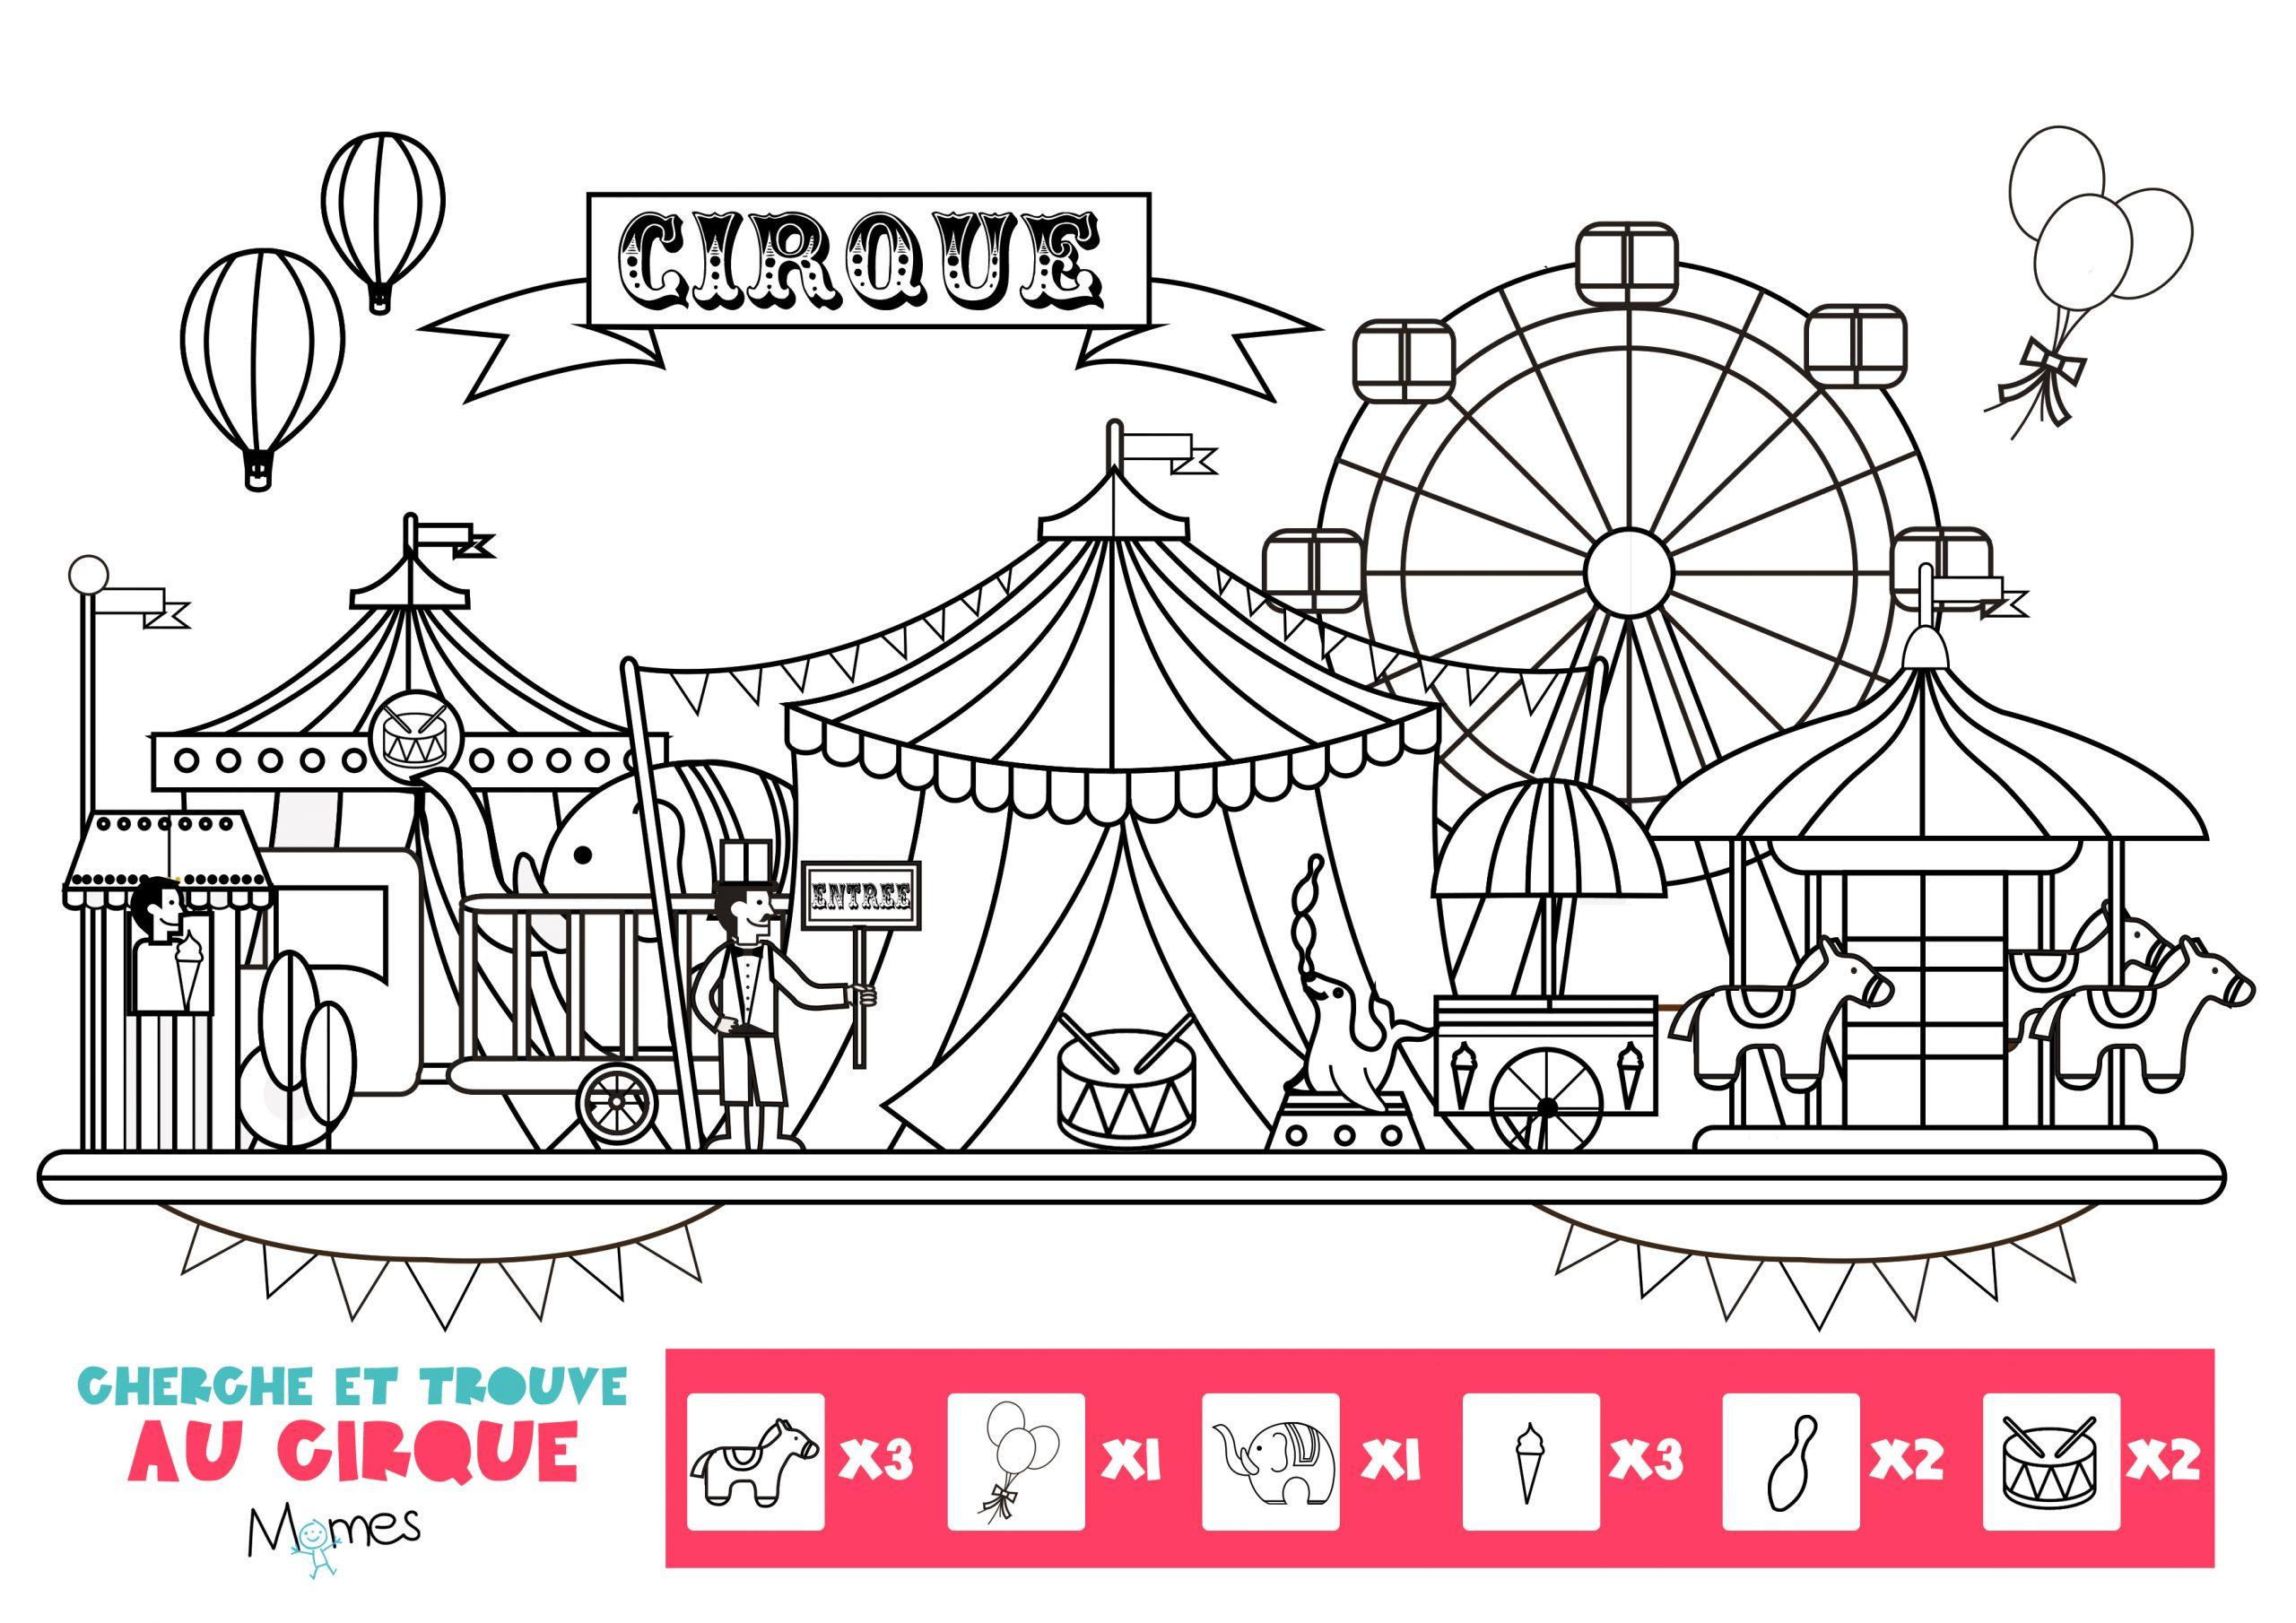 Cherche Et Trouve Au Cirque - Momes dedans Coloriage Cirque Maternelle